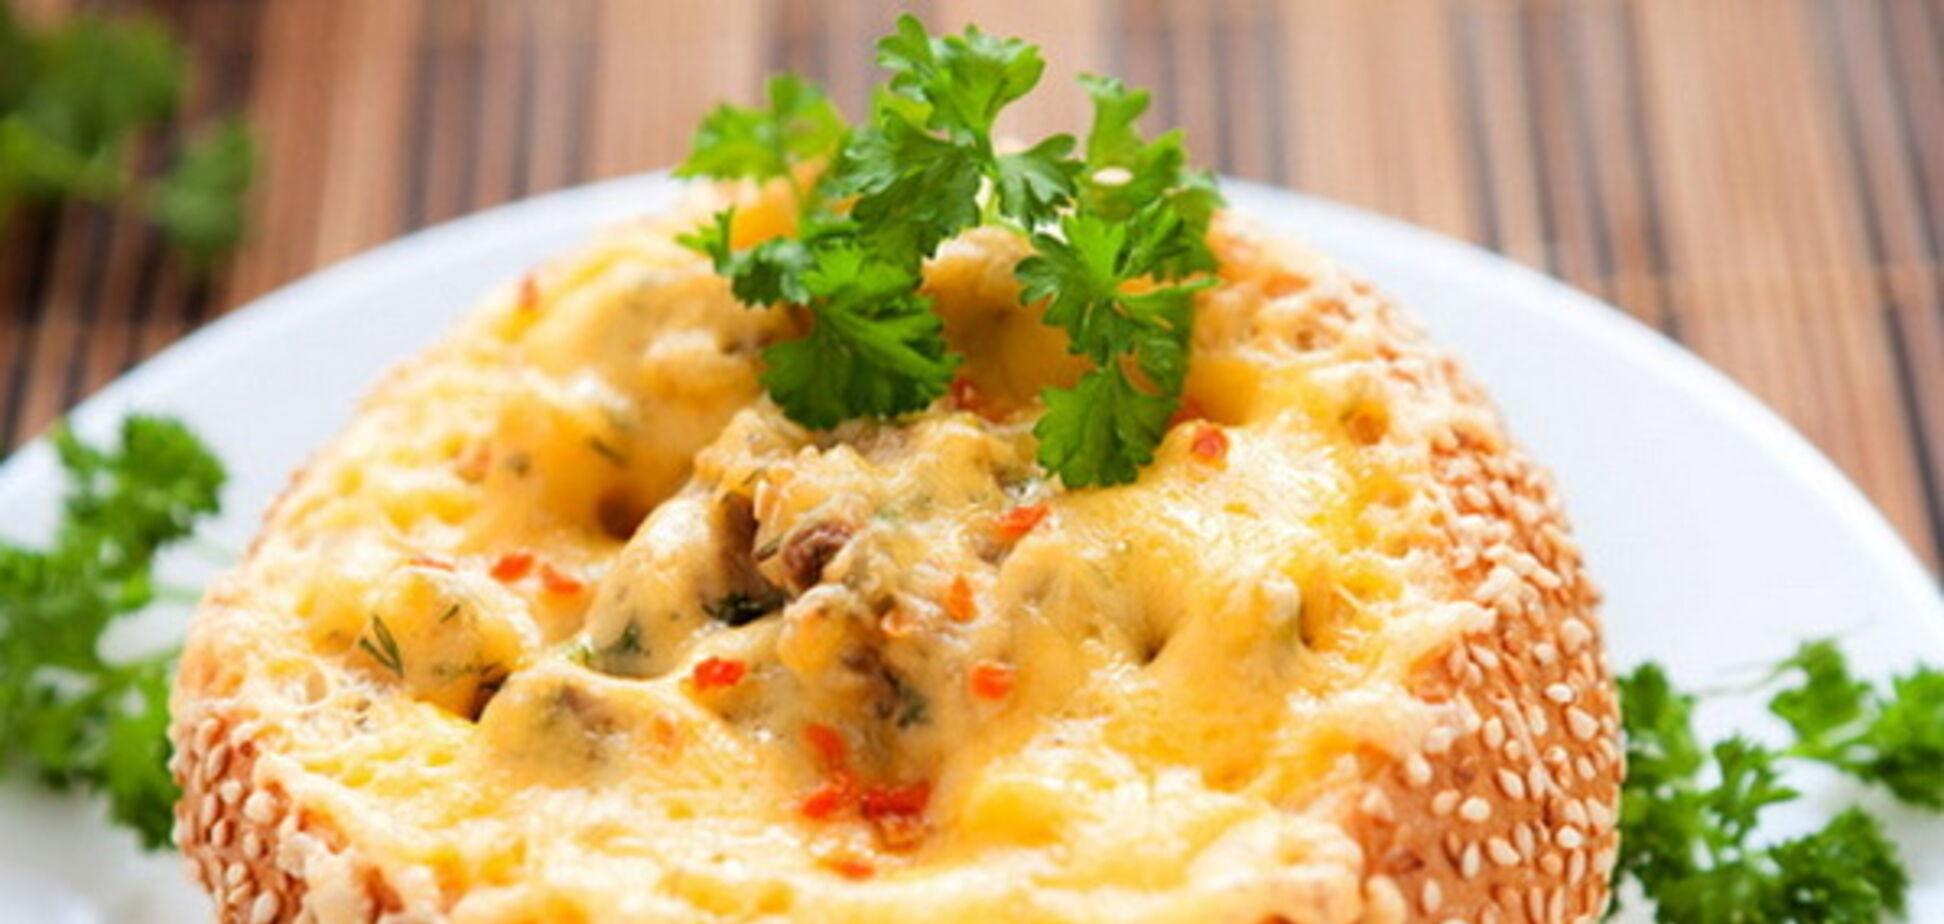 Рецепт сказочно вкусной закуски с грибами и сыром